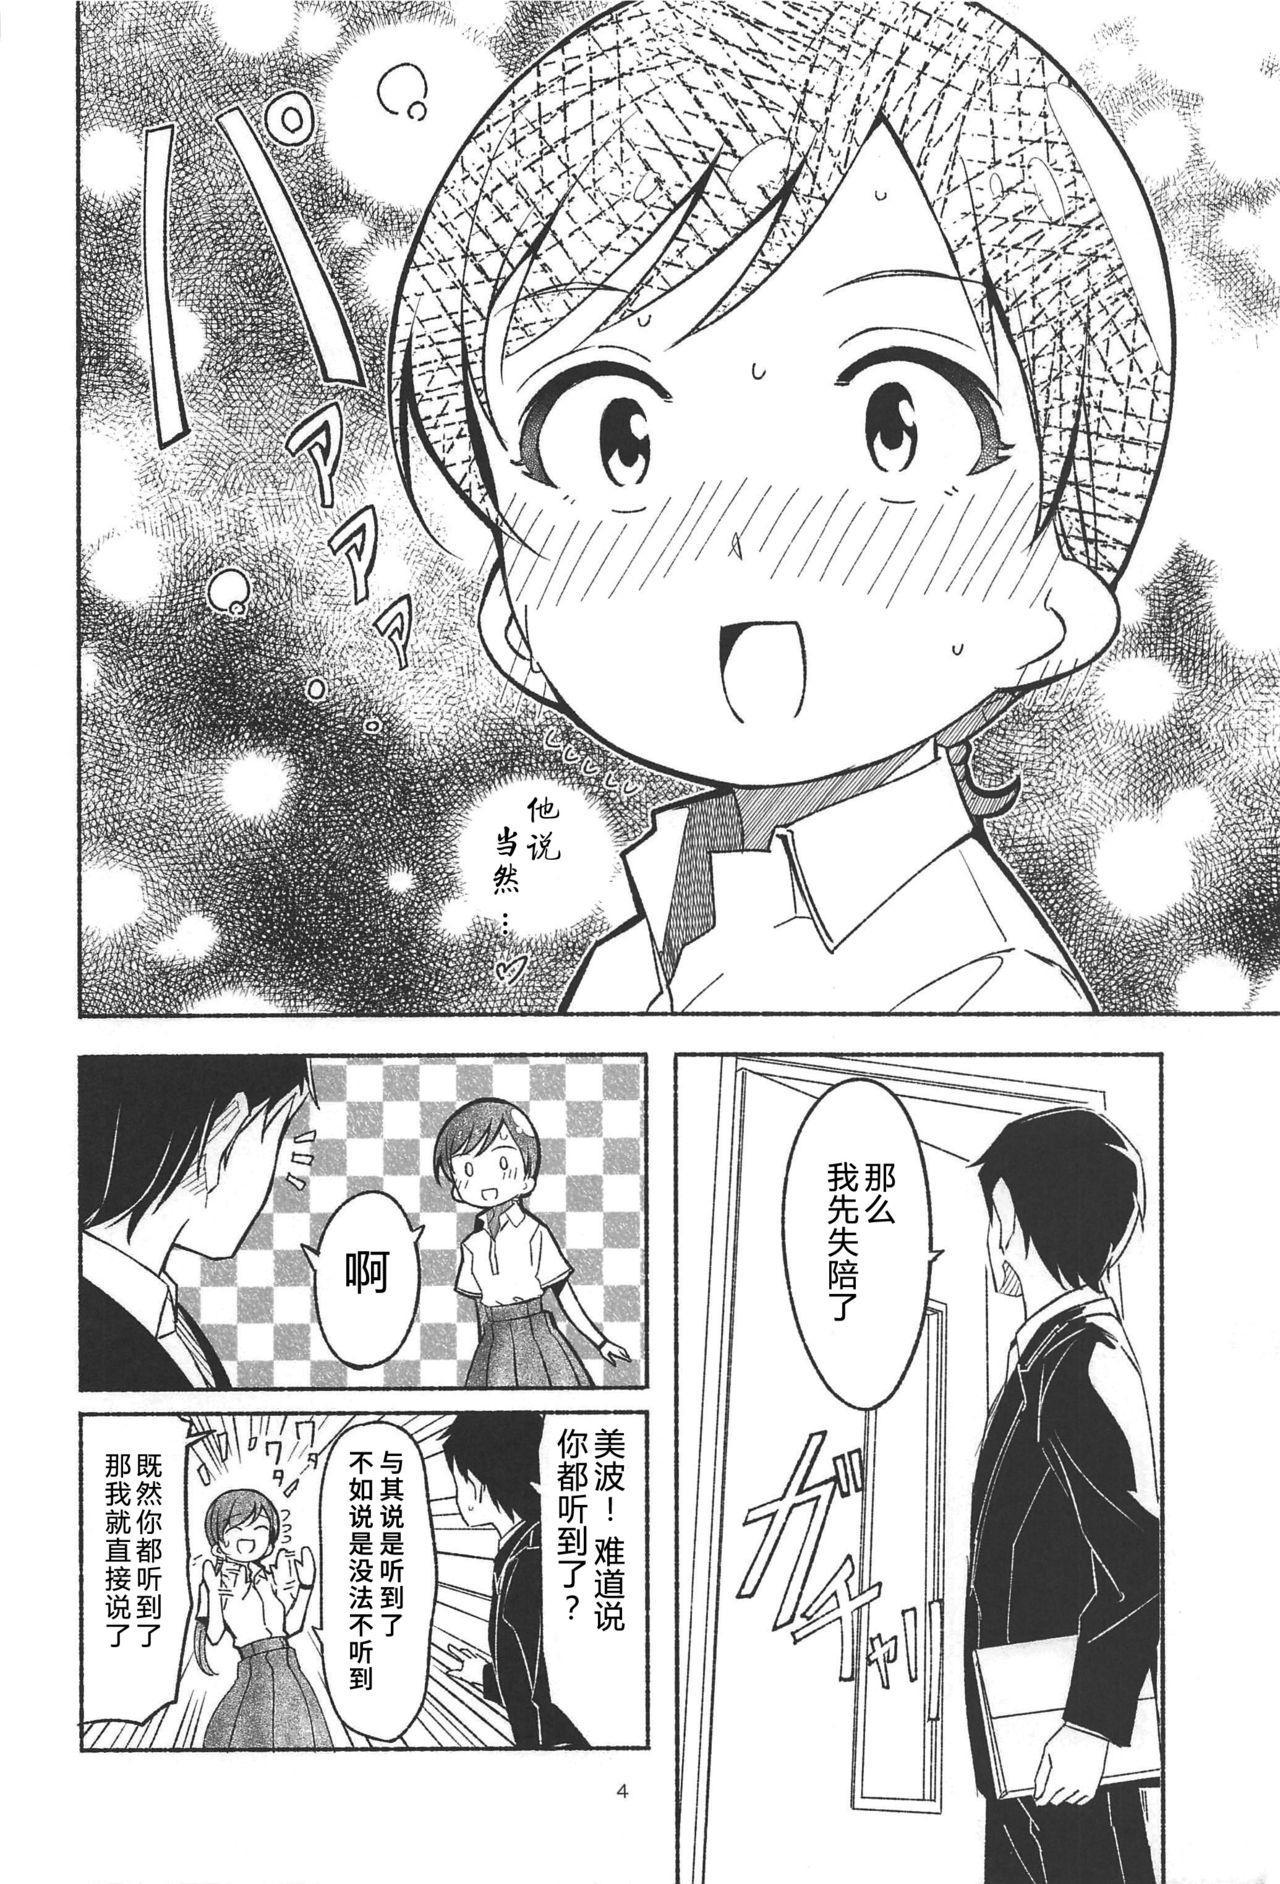 Nagisa no Hanayome 5